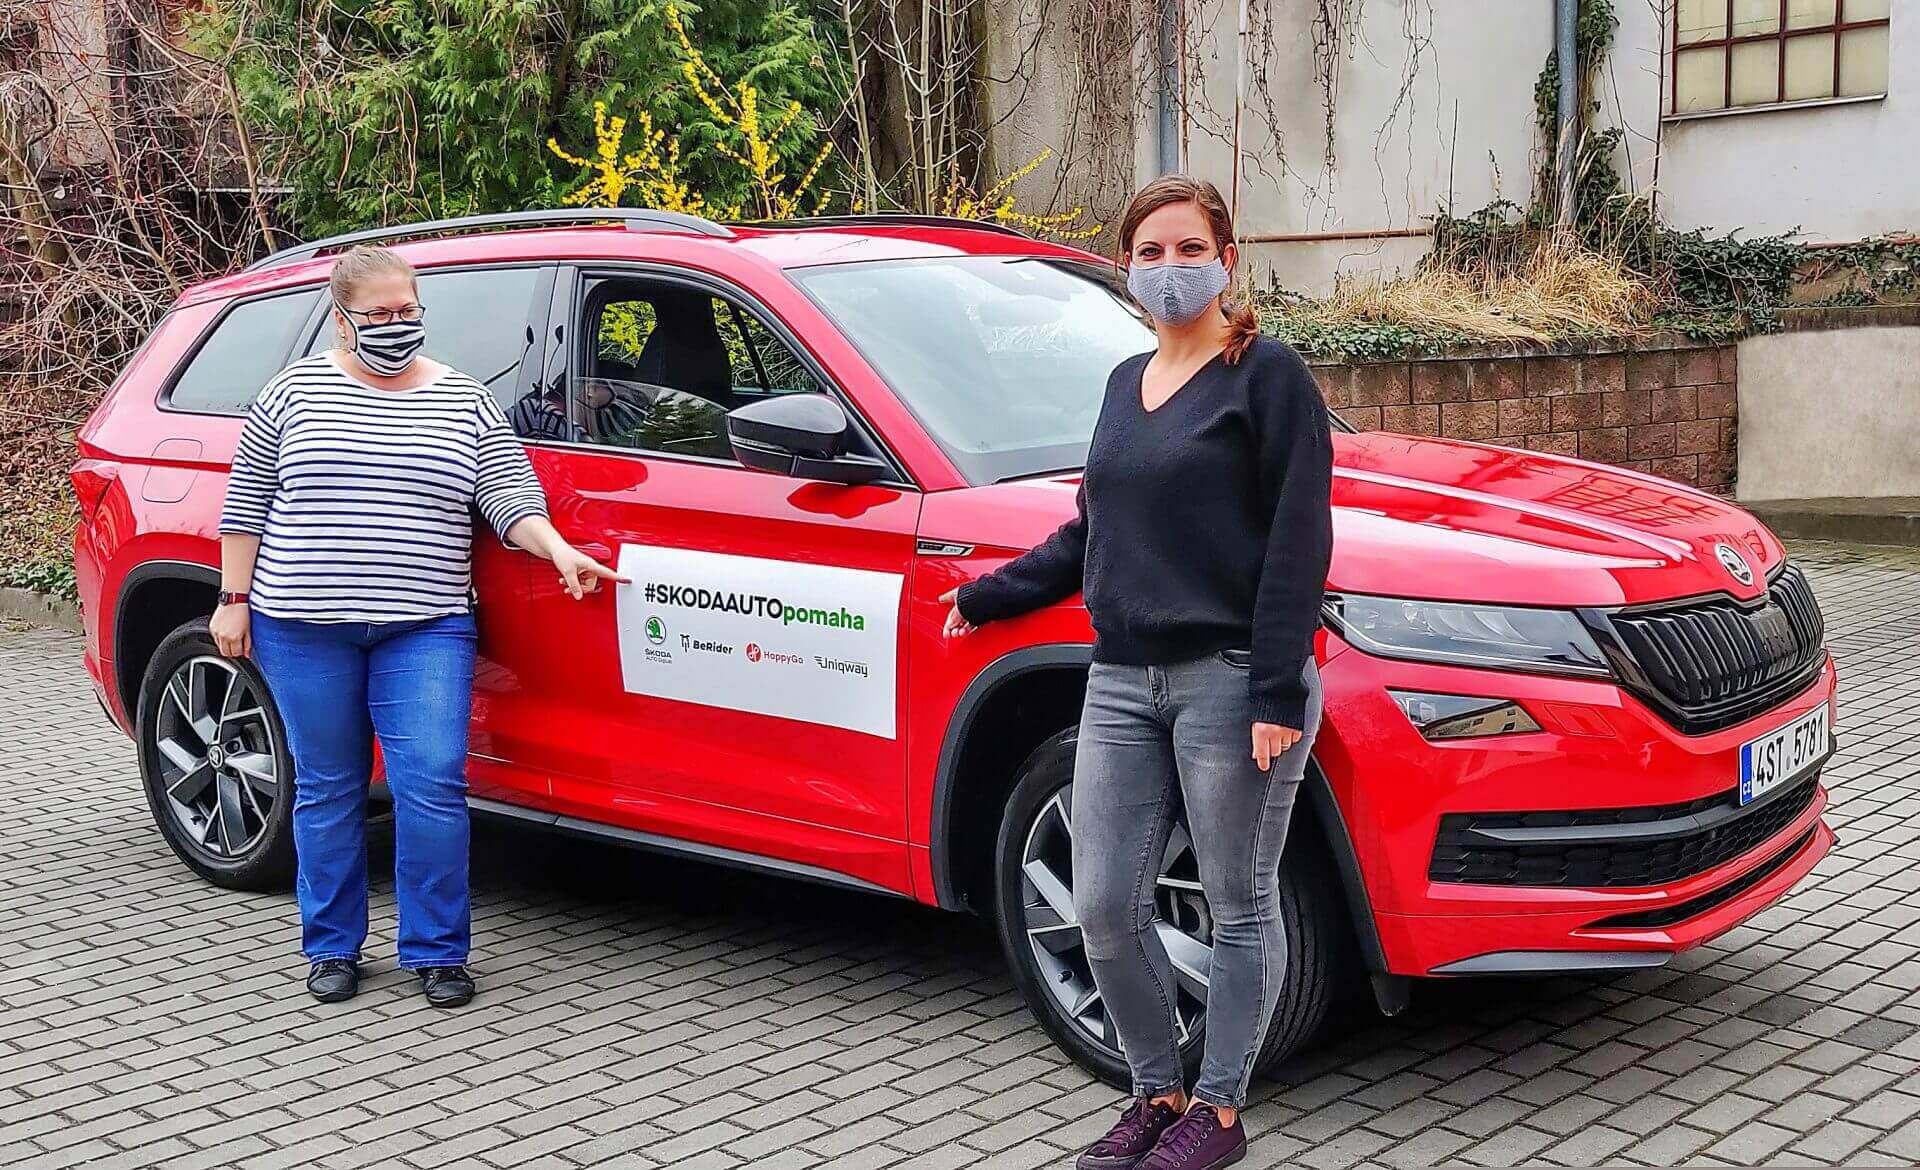 Φωτογραφία από τις ενέργειες στήριξης για την αντιμετώπιση του κορωνοϊού που παρέχει η SKODA AUTO στην Τσεχία